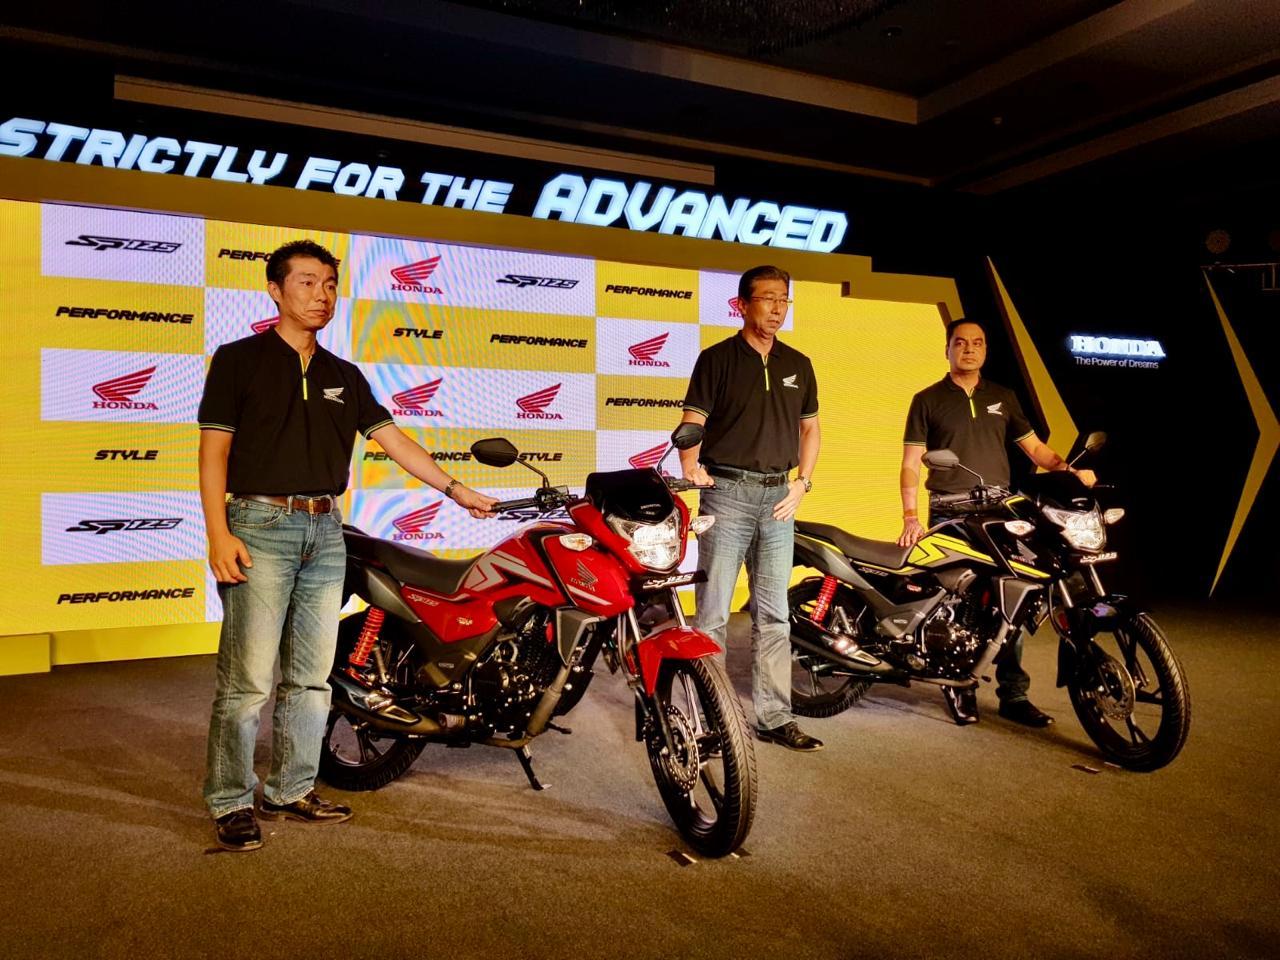 Honda SP 125 BS6 - Motorcyclediaries